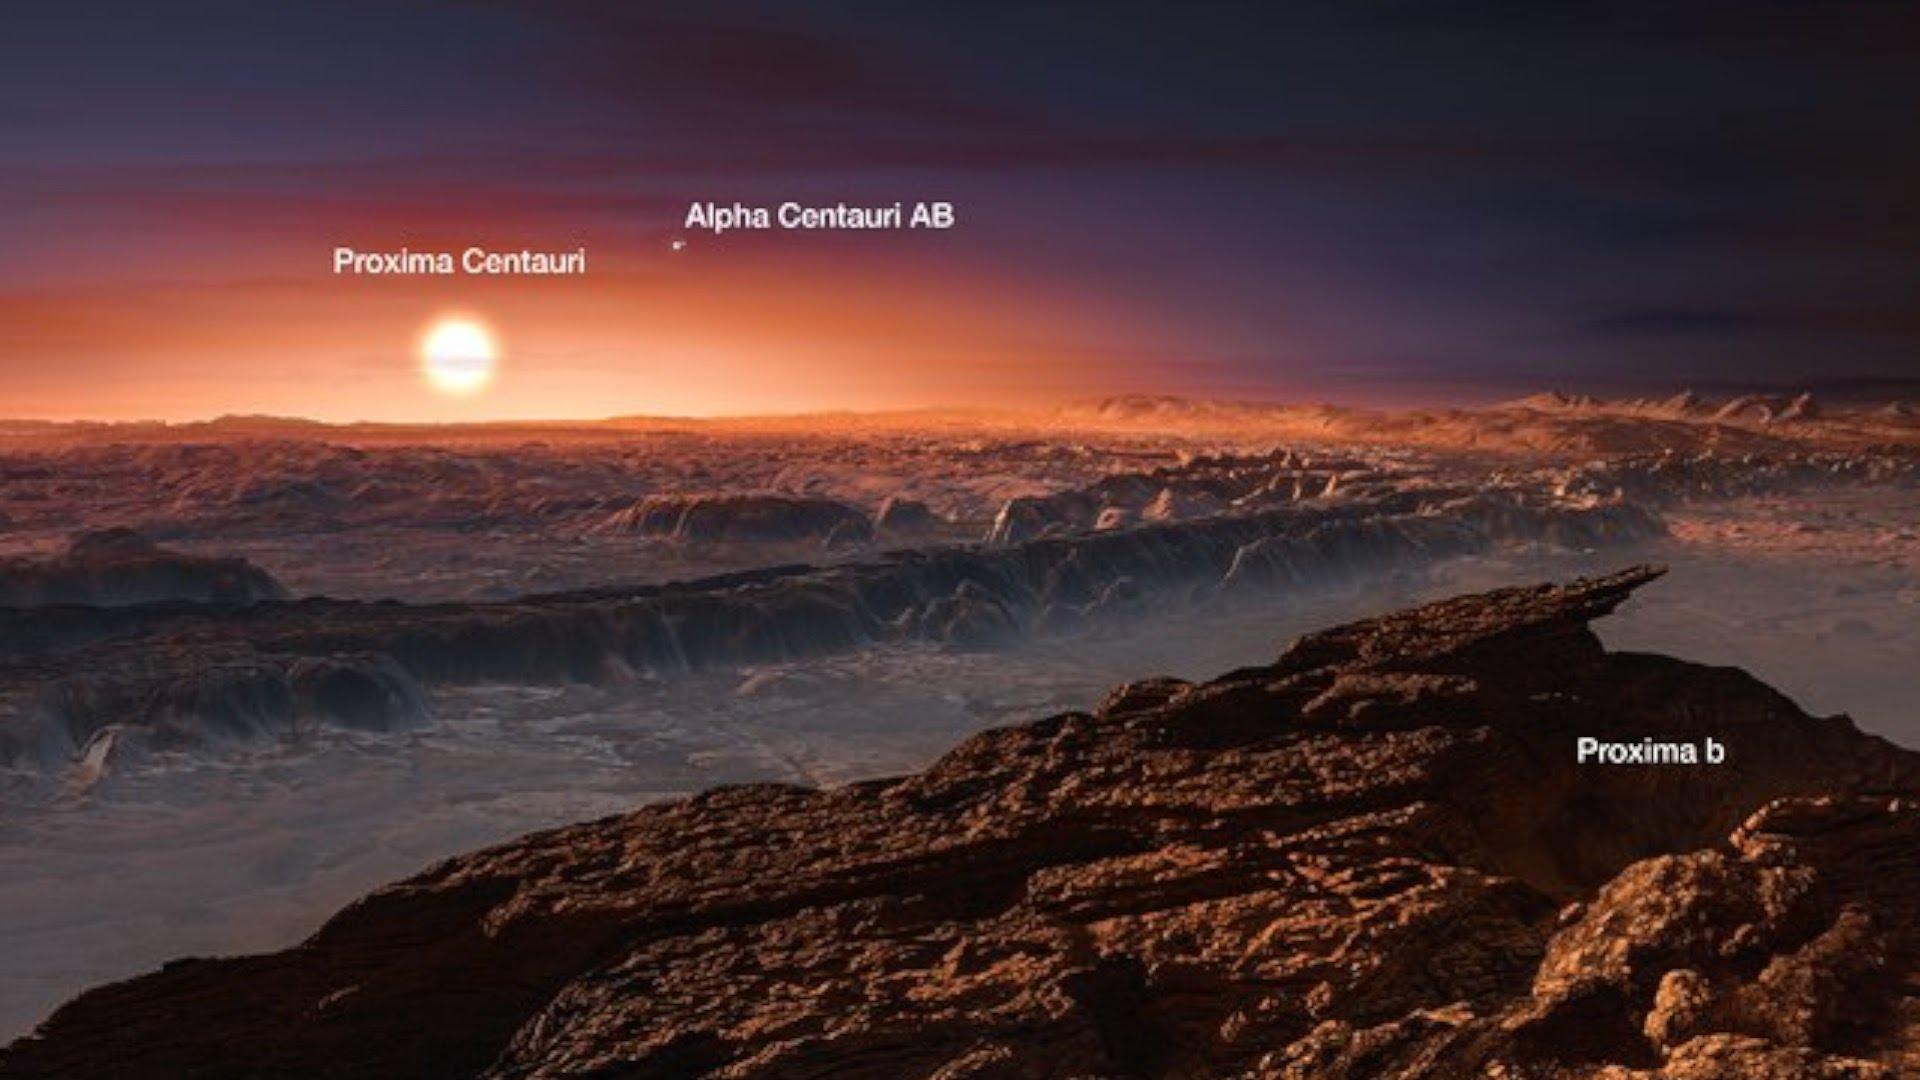 Proxima Centauri B - Liquid Ocean